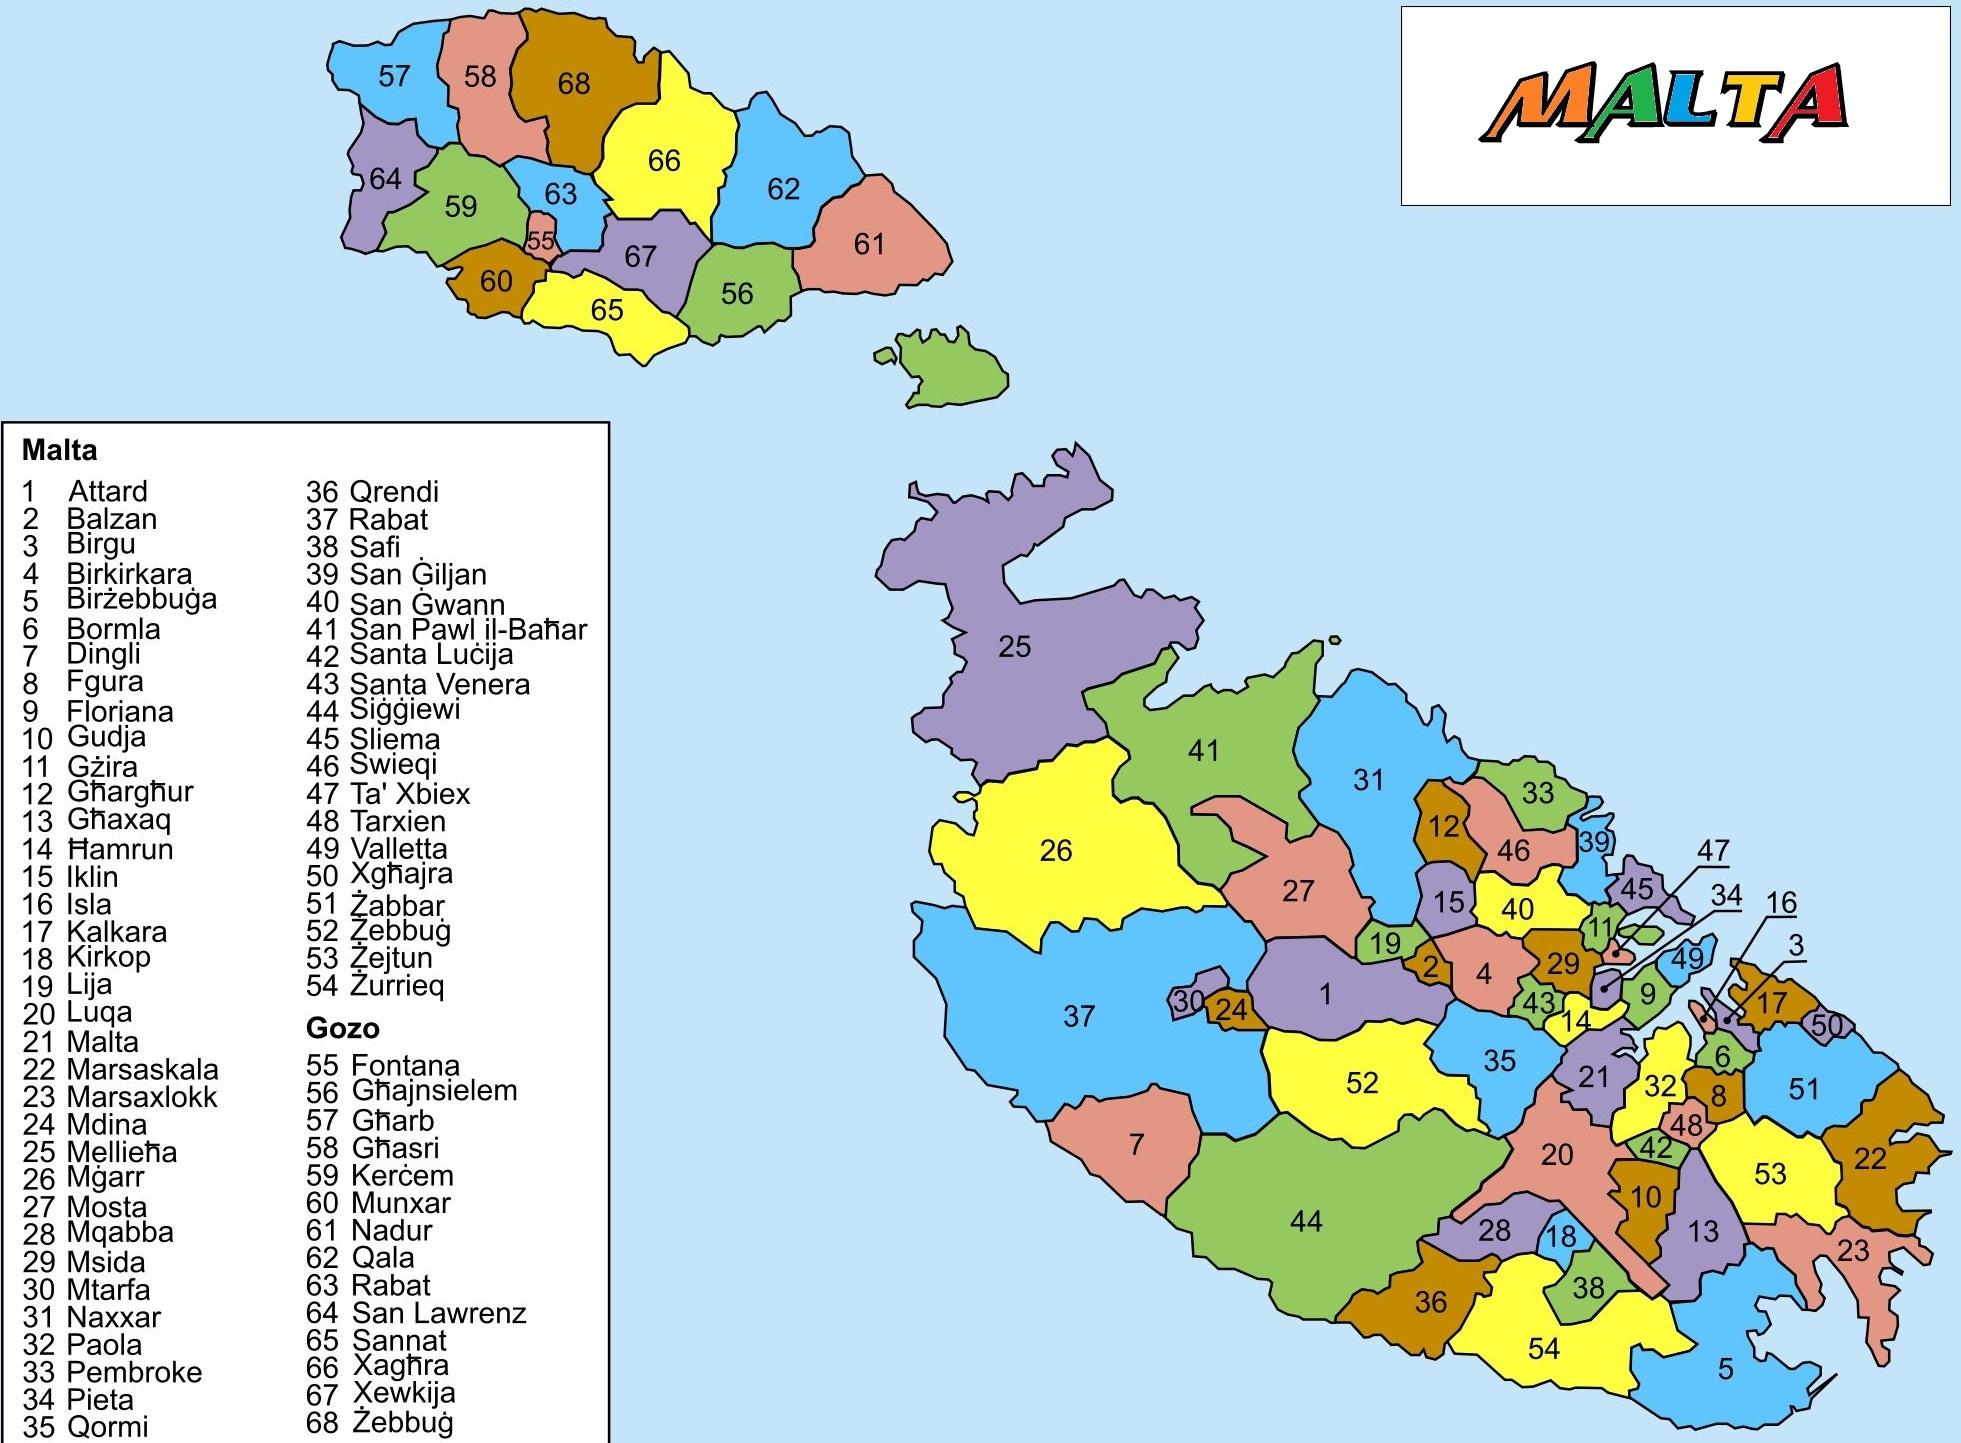 Pin Malta Map 9 Just World on Pinterest